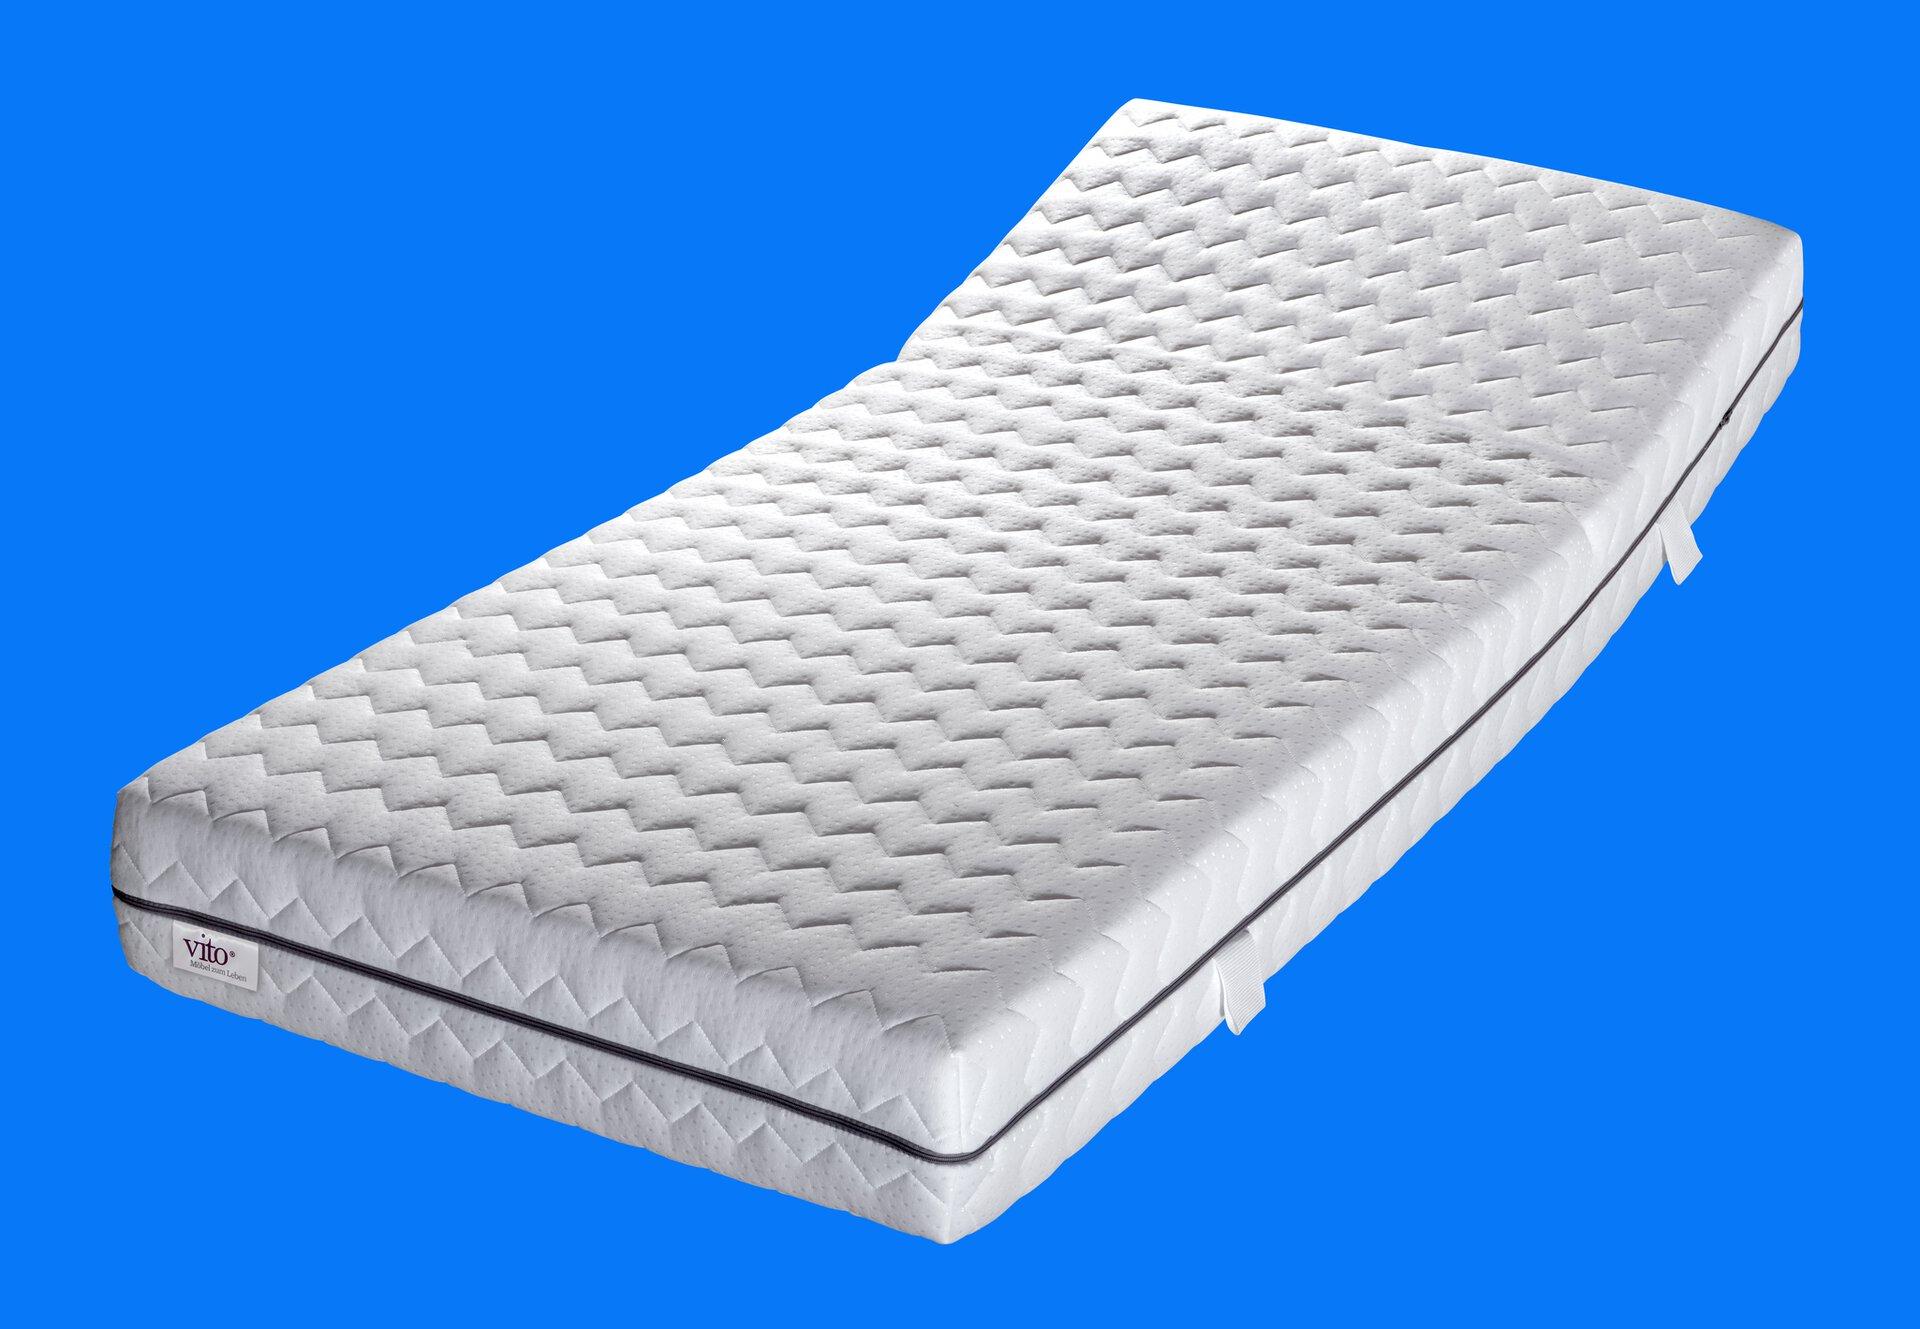 Komfortschaummatratze Sensio Active Vito Textil weiß 140 x 24 x 200 cm